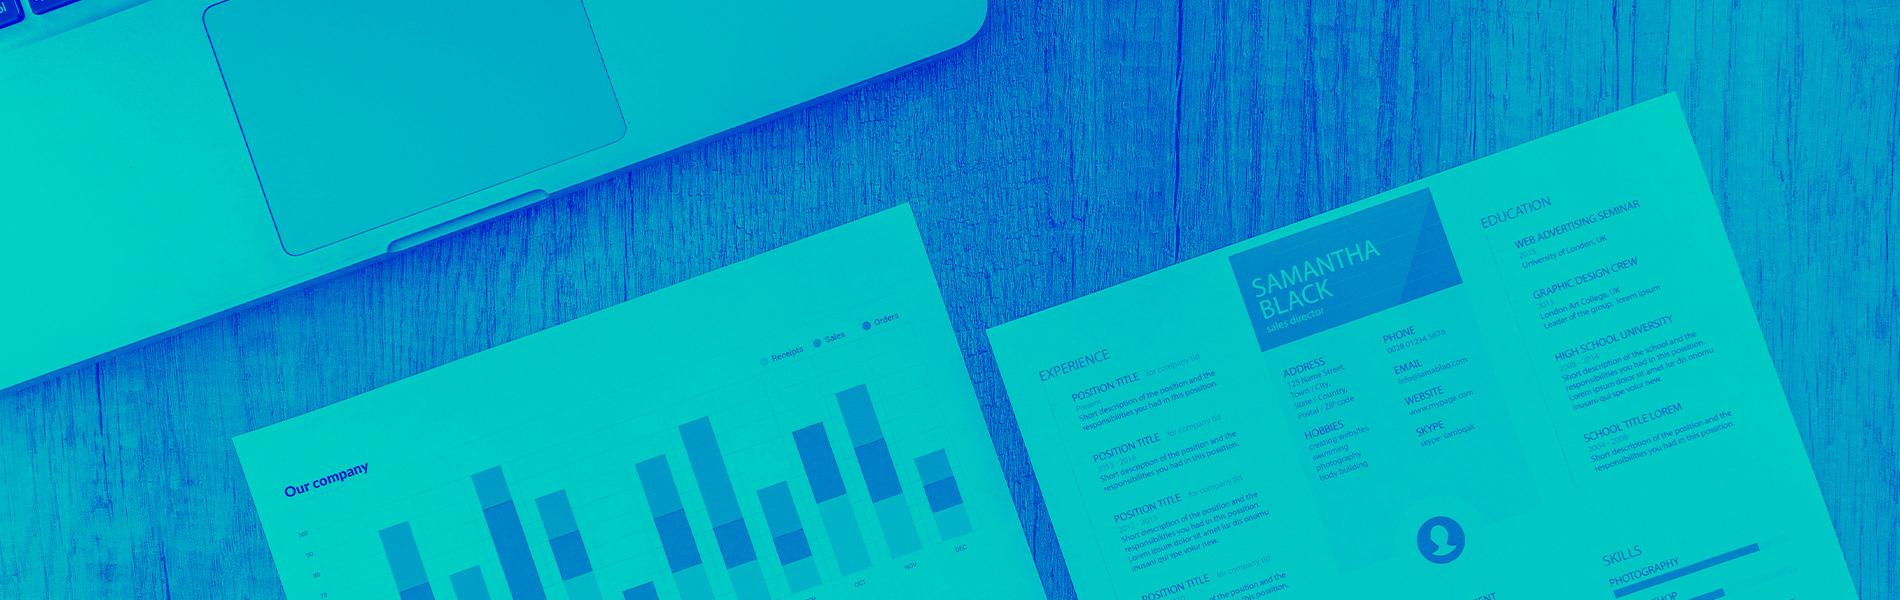 Importancia de las estrategias de Marketing Digital